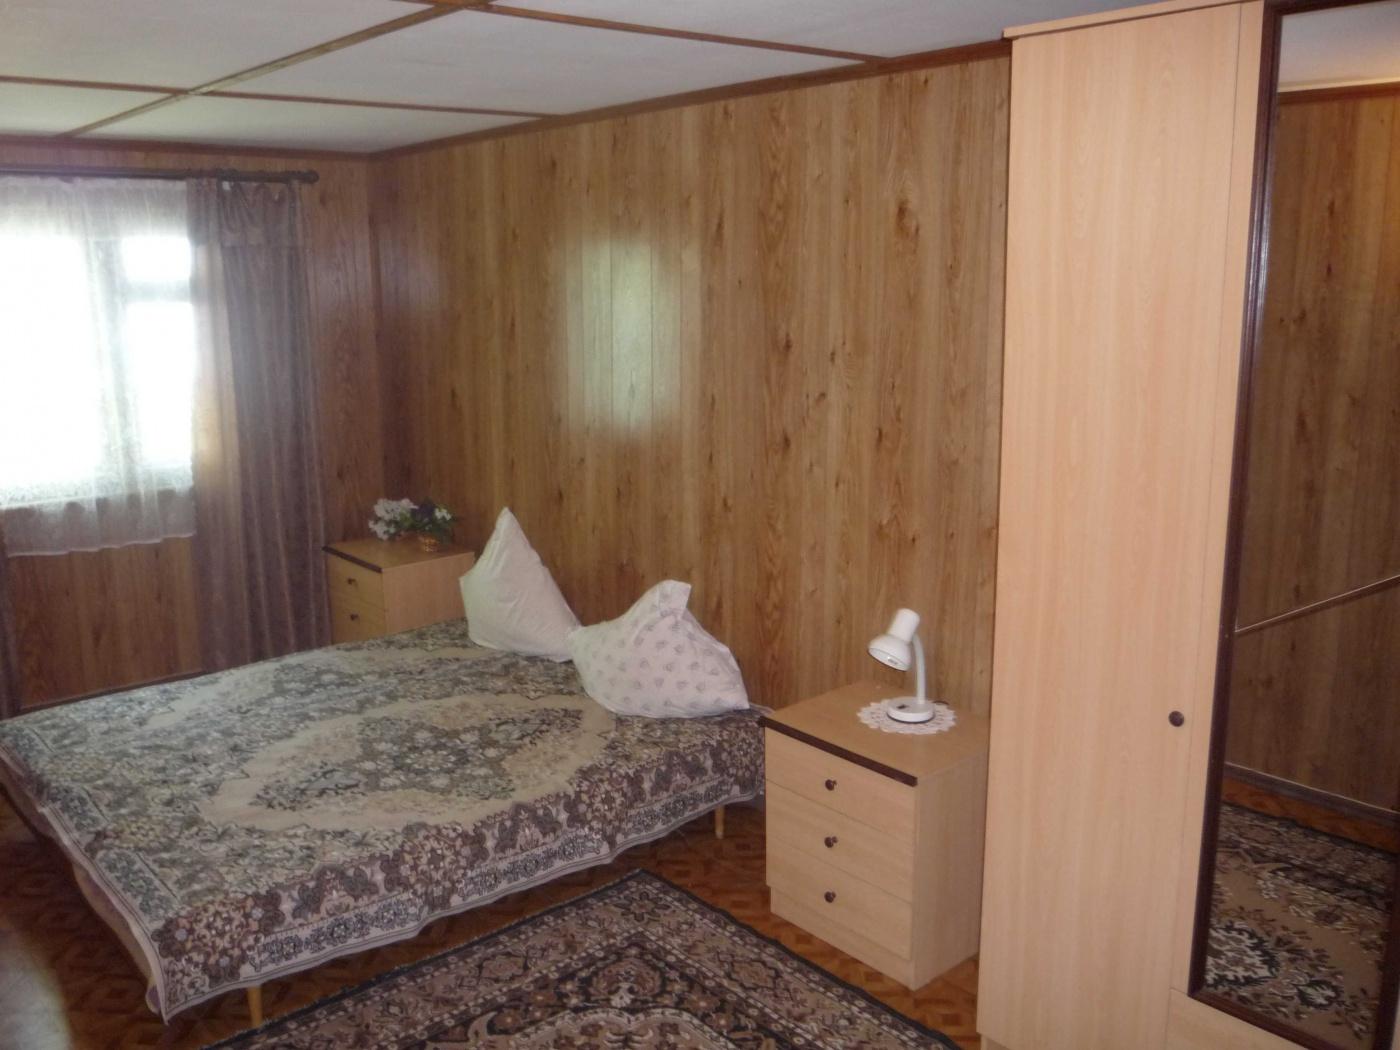 База отдыха «Парус» Астраханская область Домик № 8 («Визави Хаус»), фото 3